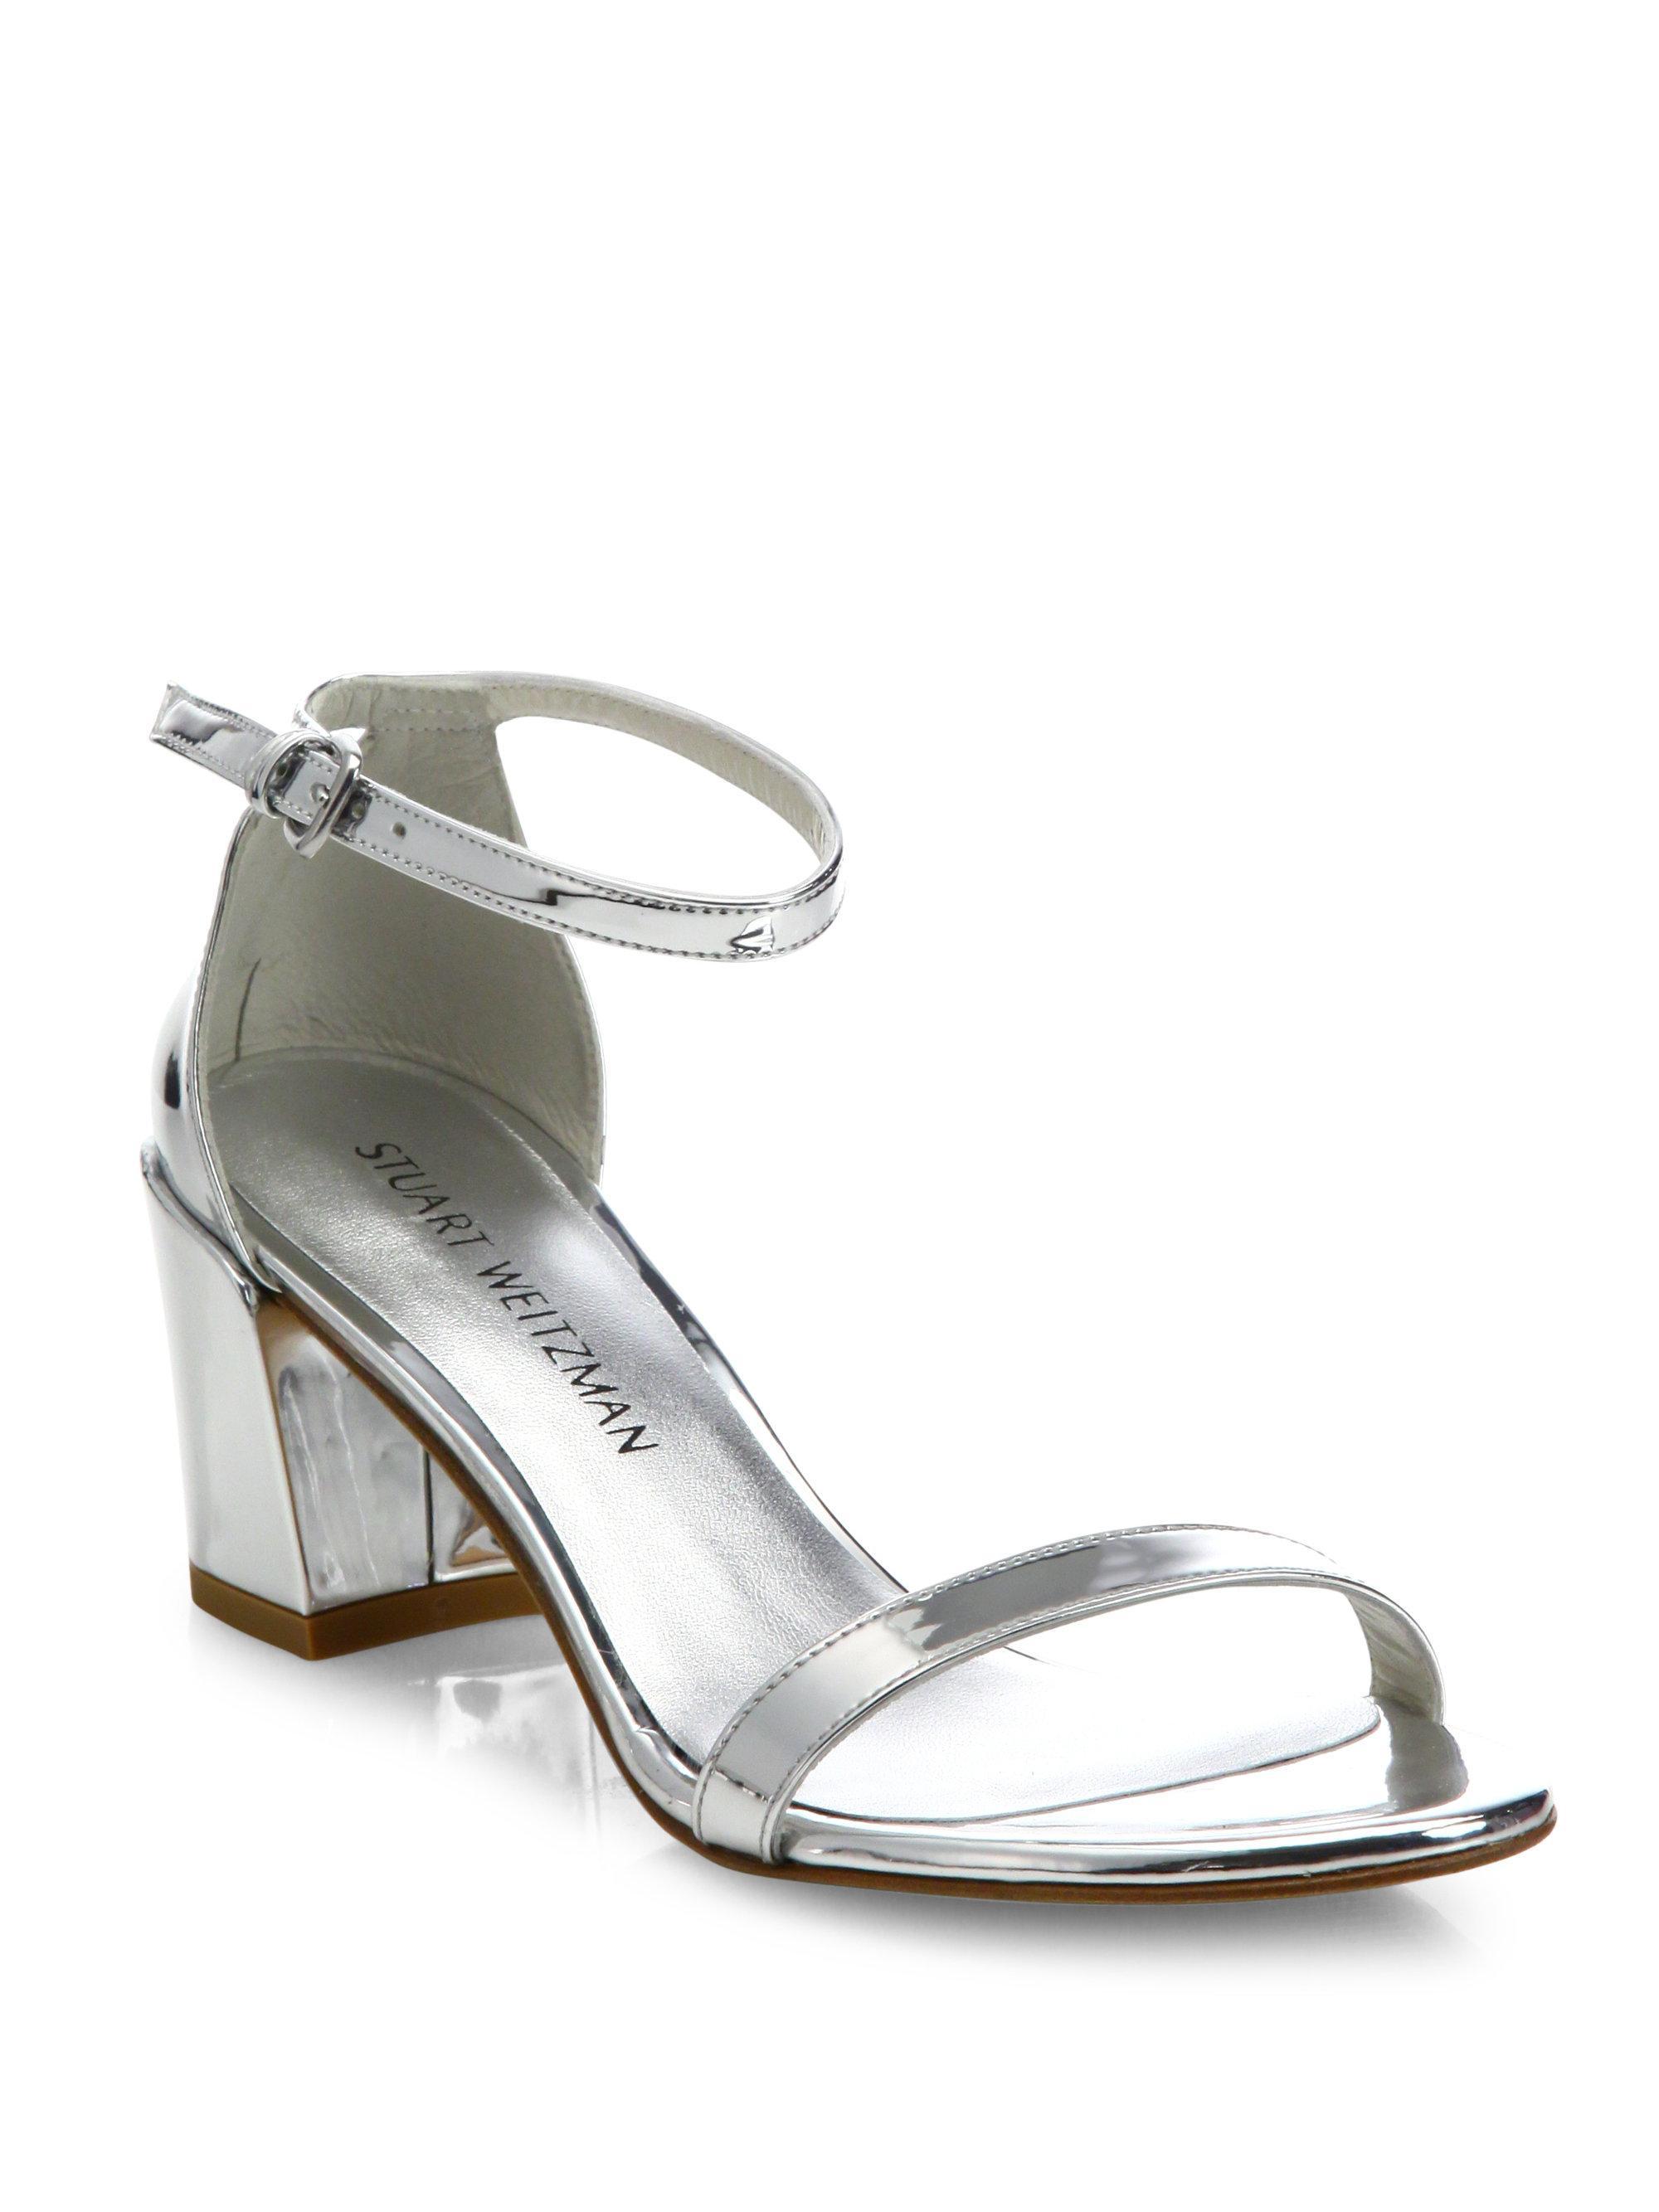 Stuart Weitzman Simple Metallic Block Heel Sandals C1ues6omc